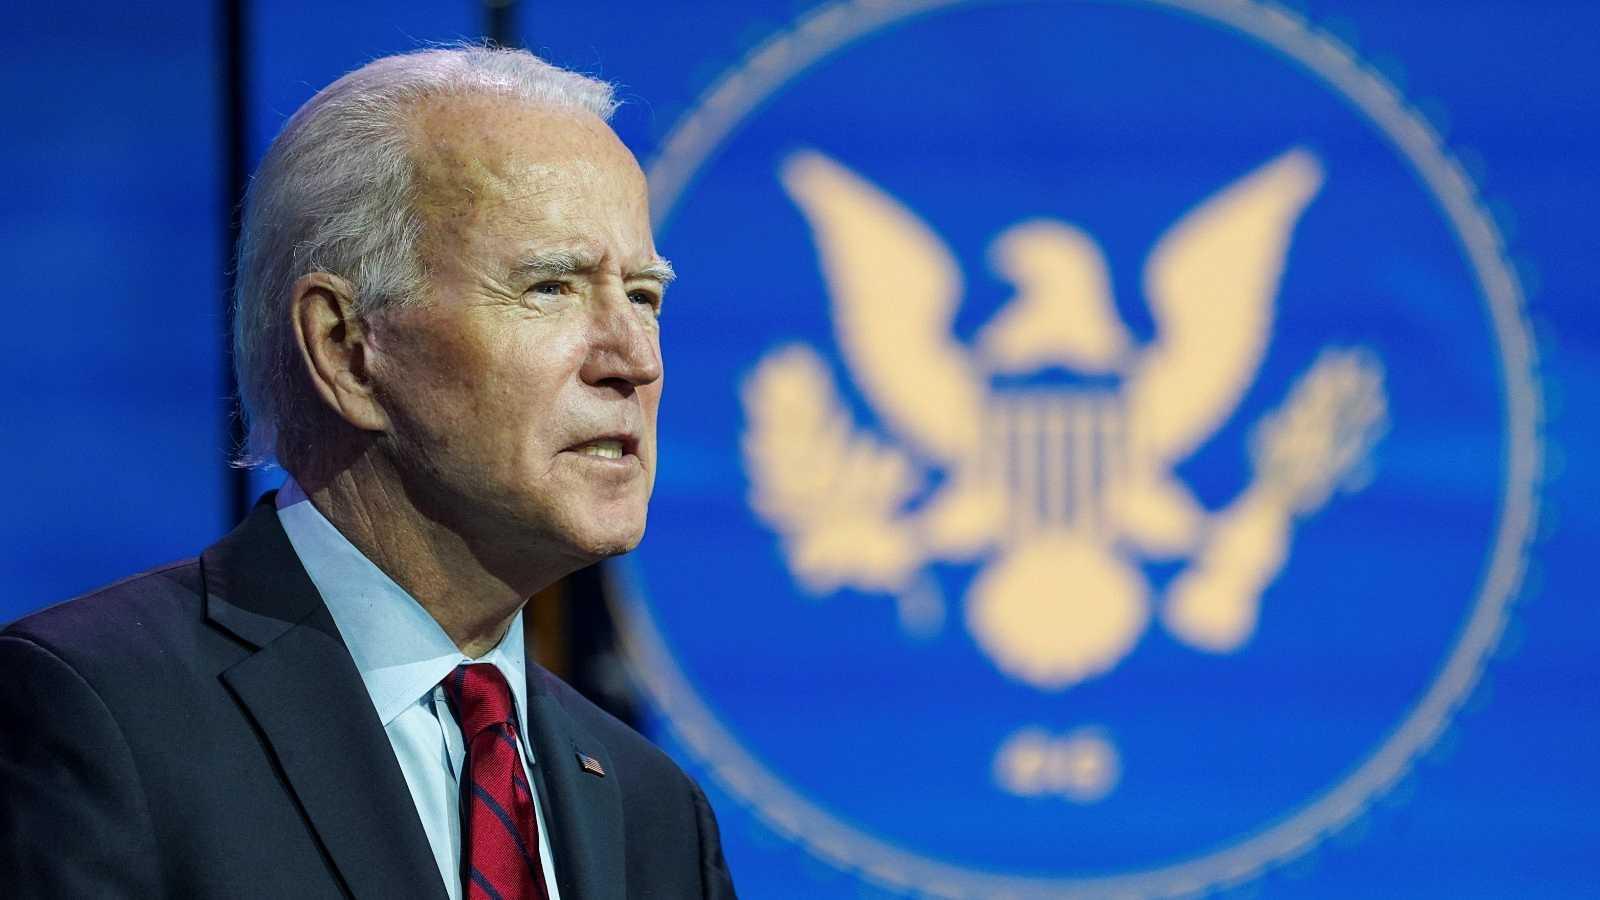 El presidente electo Joe Biden anuncia su equipo de respuesta a la pandemia en una rueda de prensa desde su sede en Wilmington, Delaware, EE.UU.